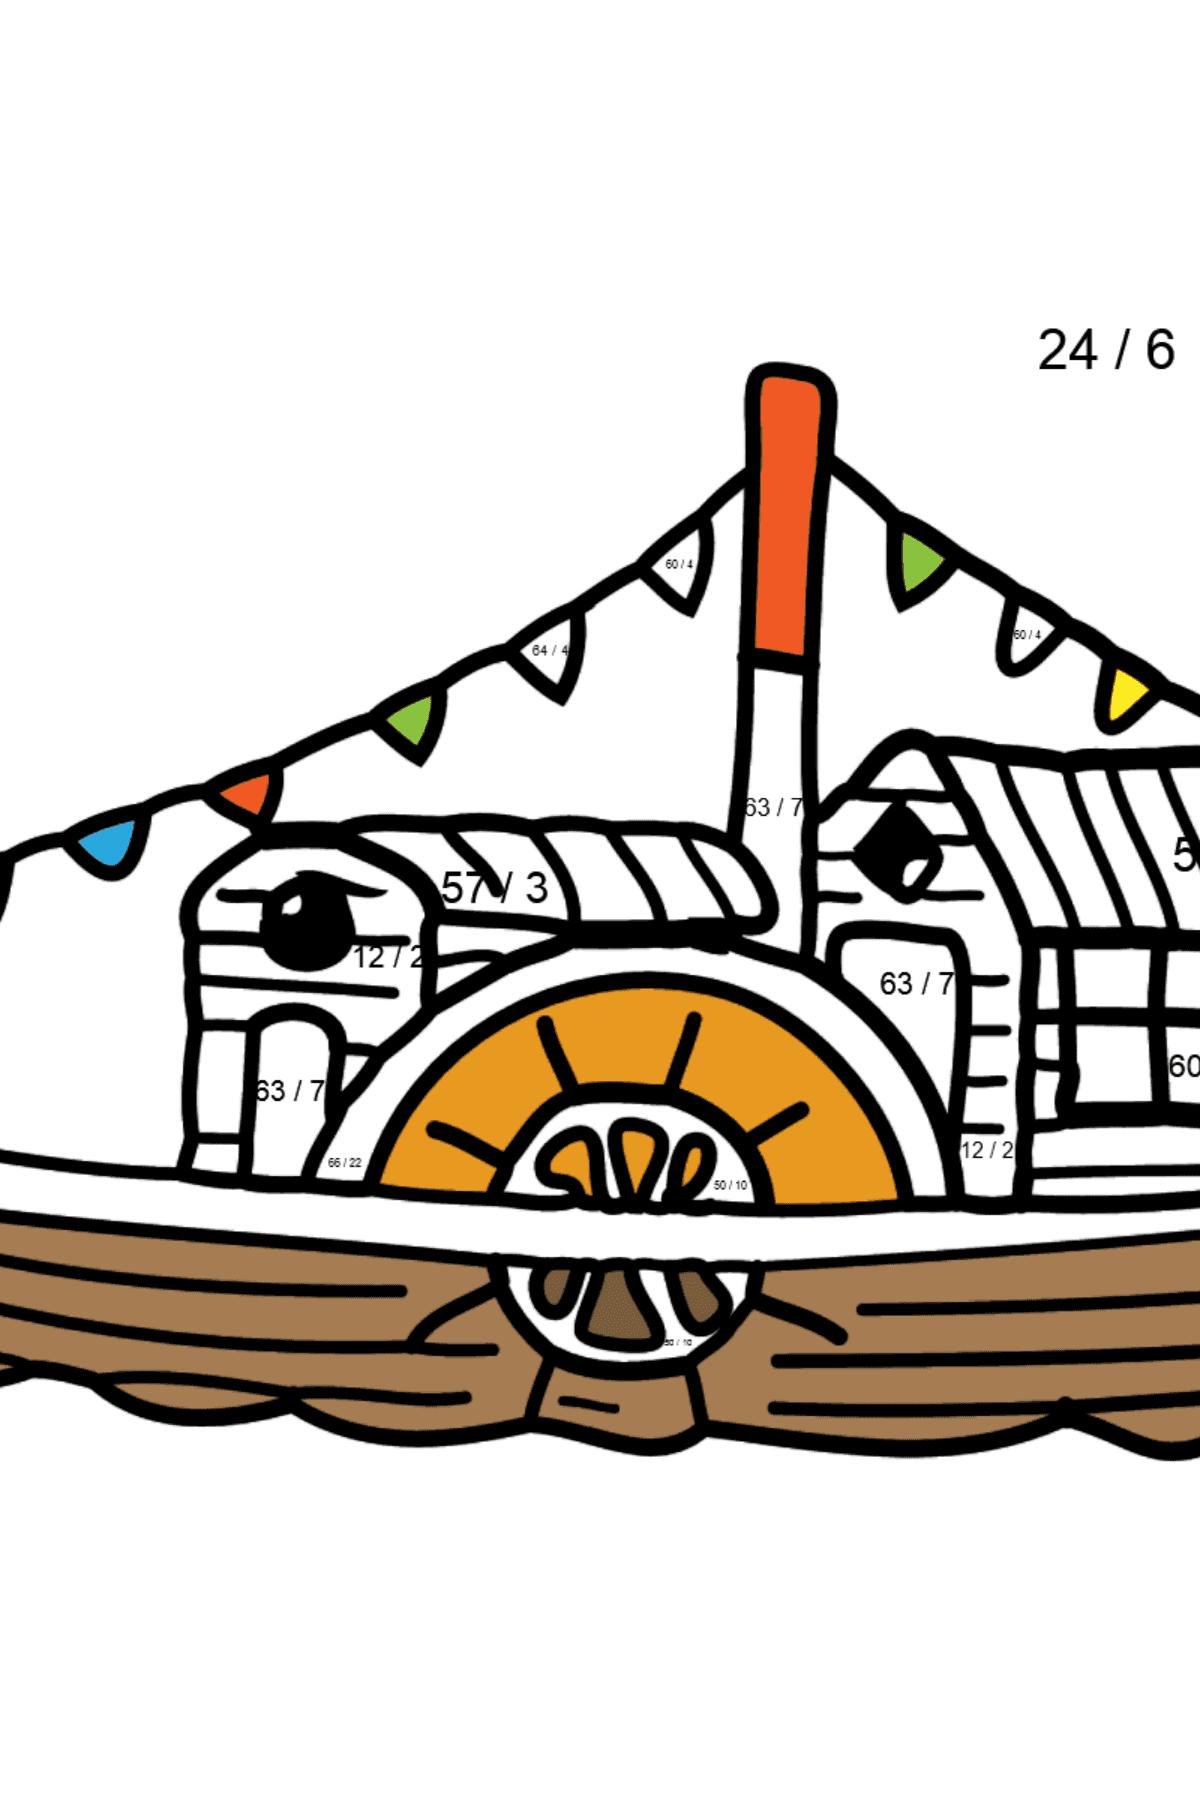 Раскраска Гондола с разноцветными флажками - Математическая Раскраска - Деление для Детей